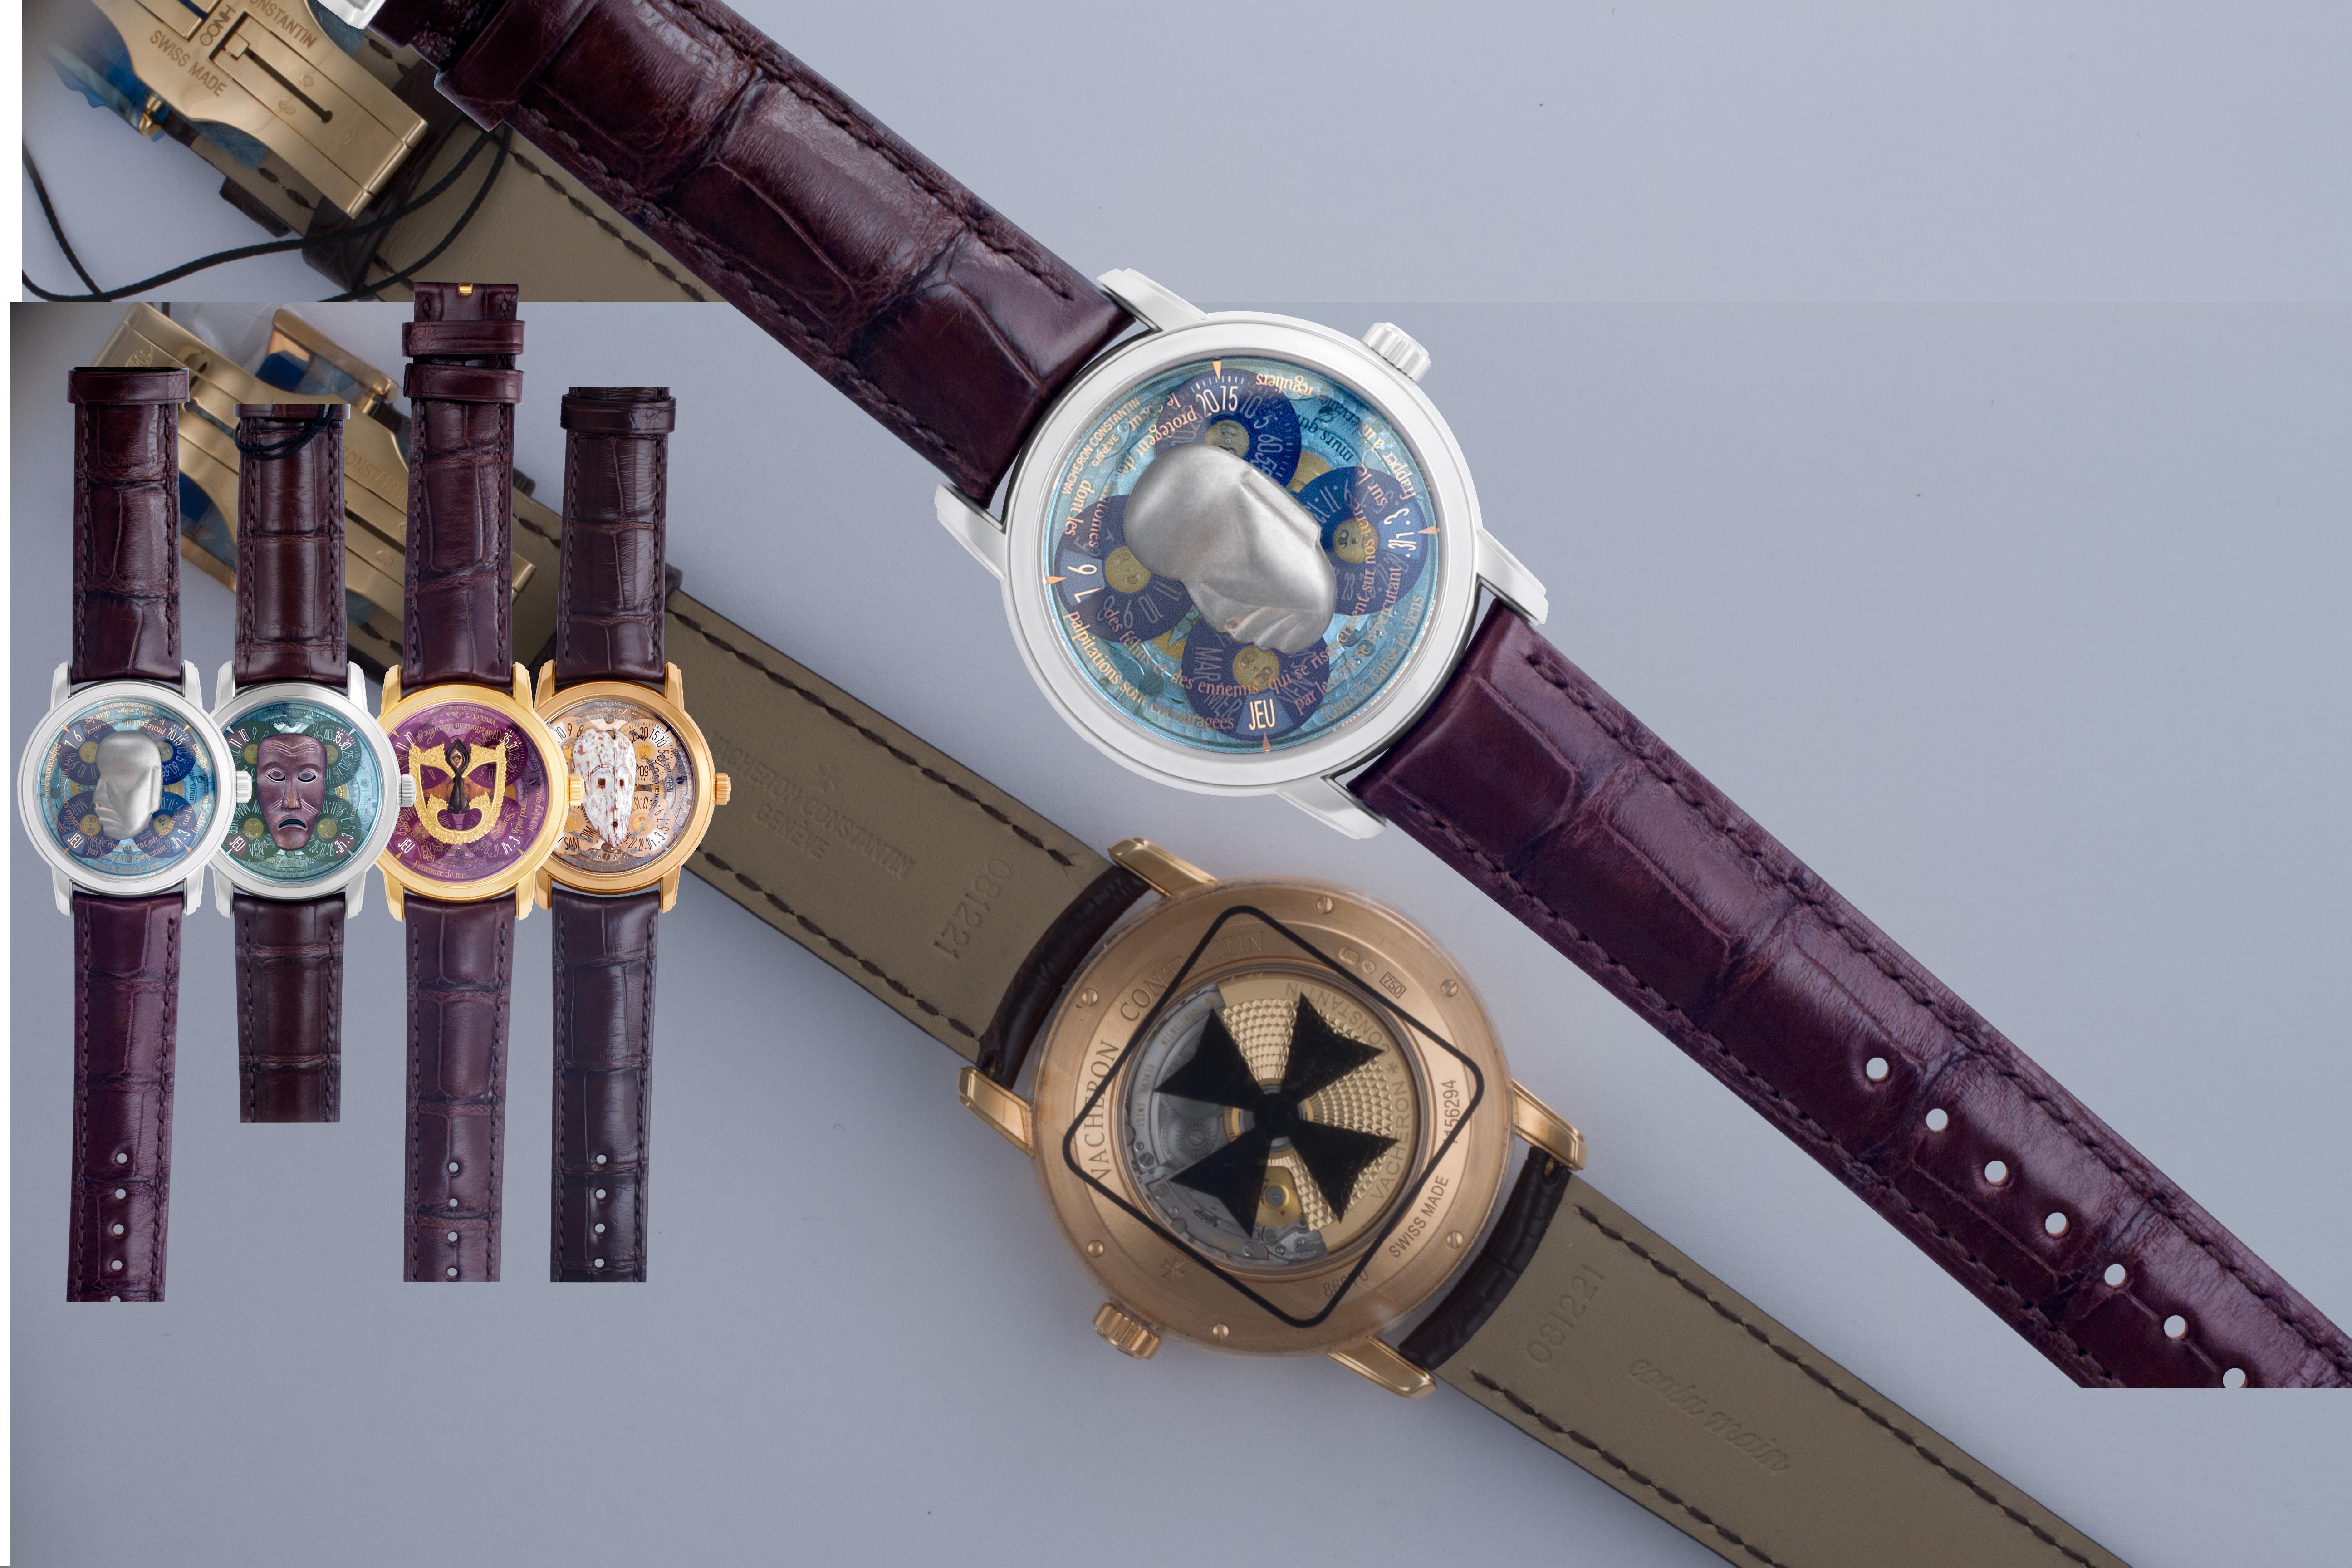 Vacheron Constantin Les Masques 86070/000 gold 39mm auto watch